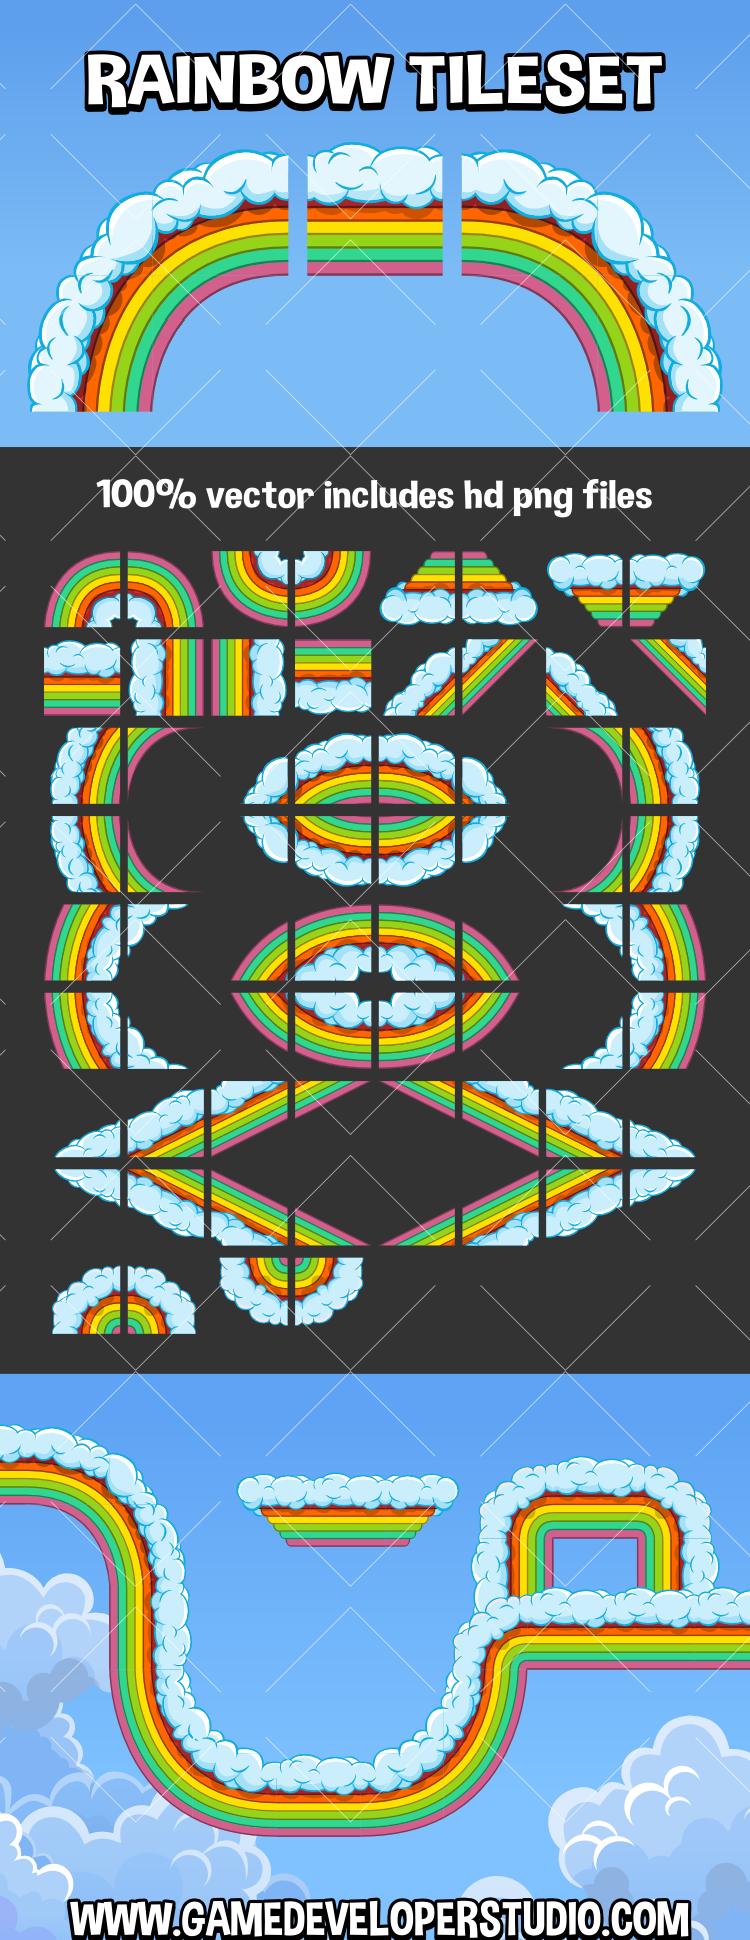 rainbow tile set for sd game development